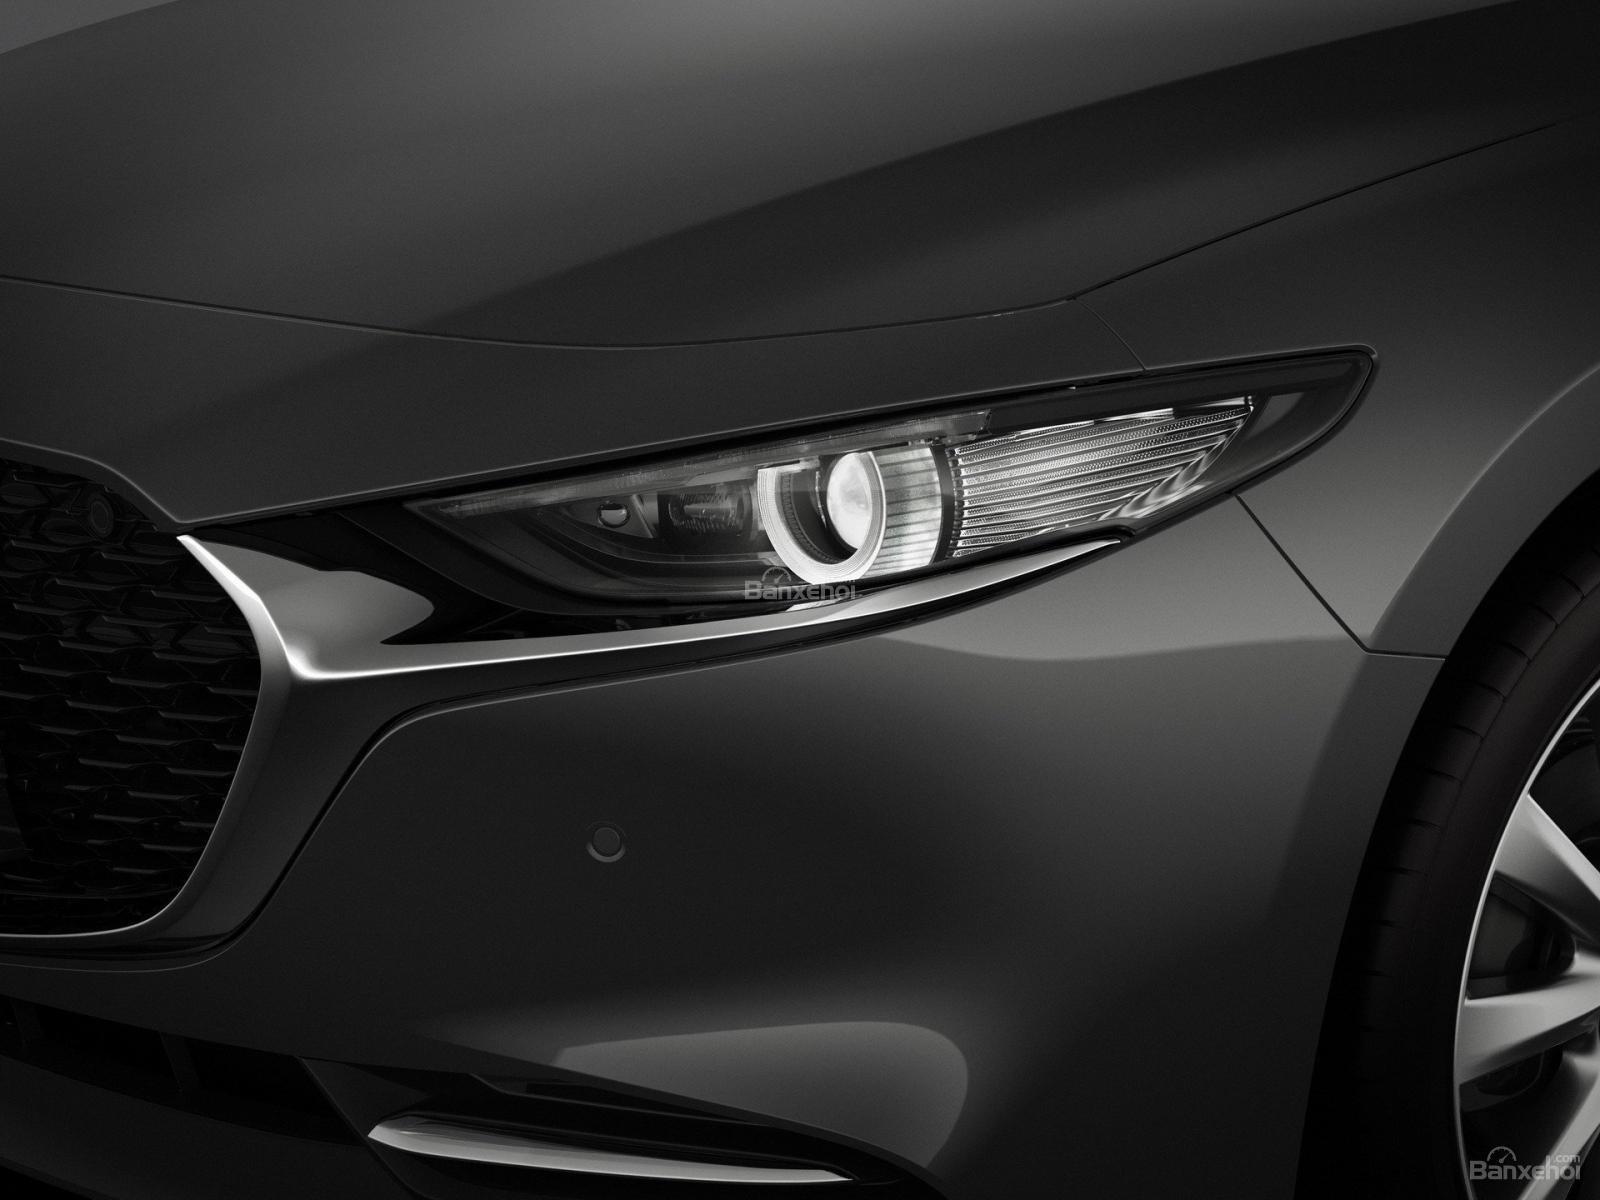 Xem ảnh Mazda 3 2019 thế hệ mới vừa ra mắt, chờ ngày về Việt Nam a81